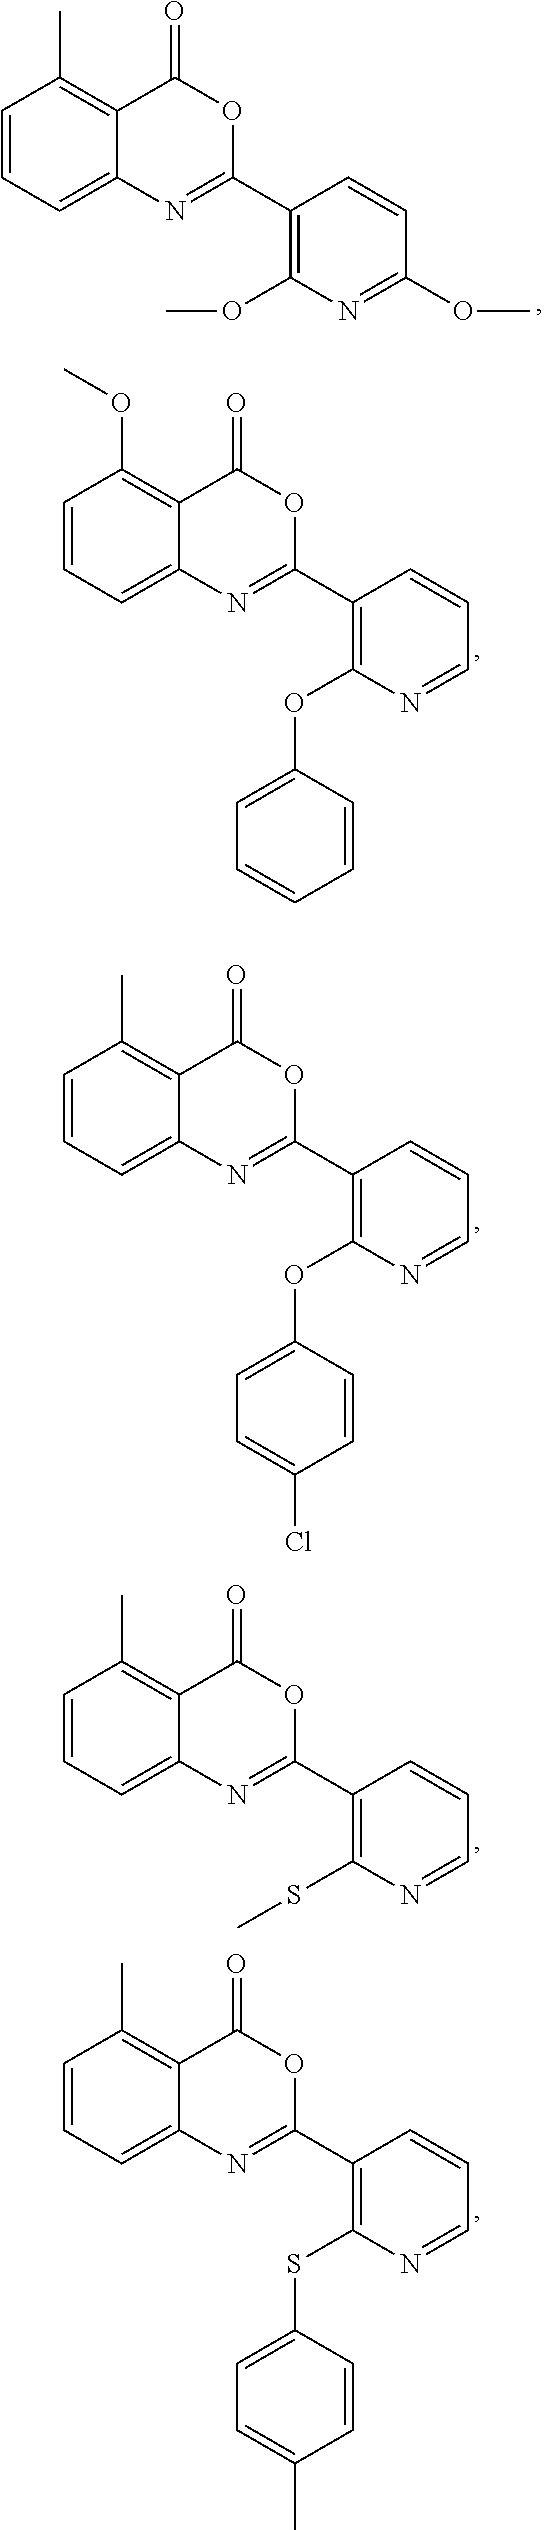 Figure US07879846-20110201-C00026